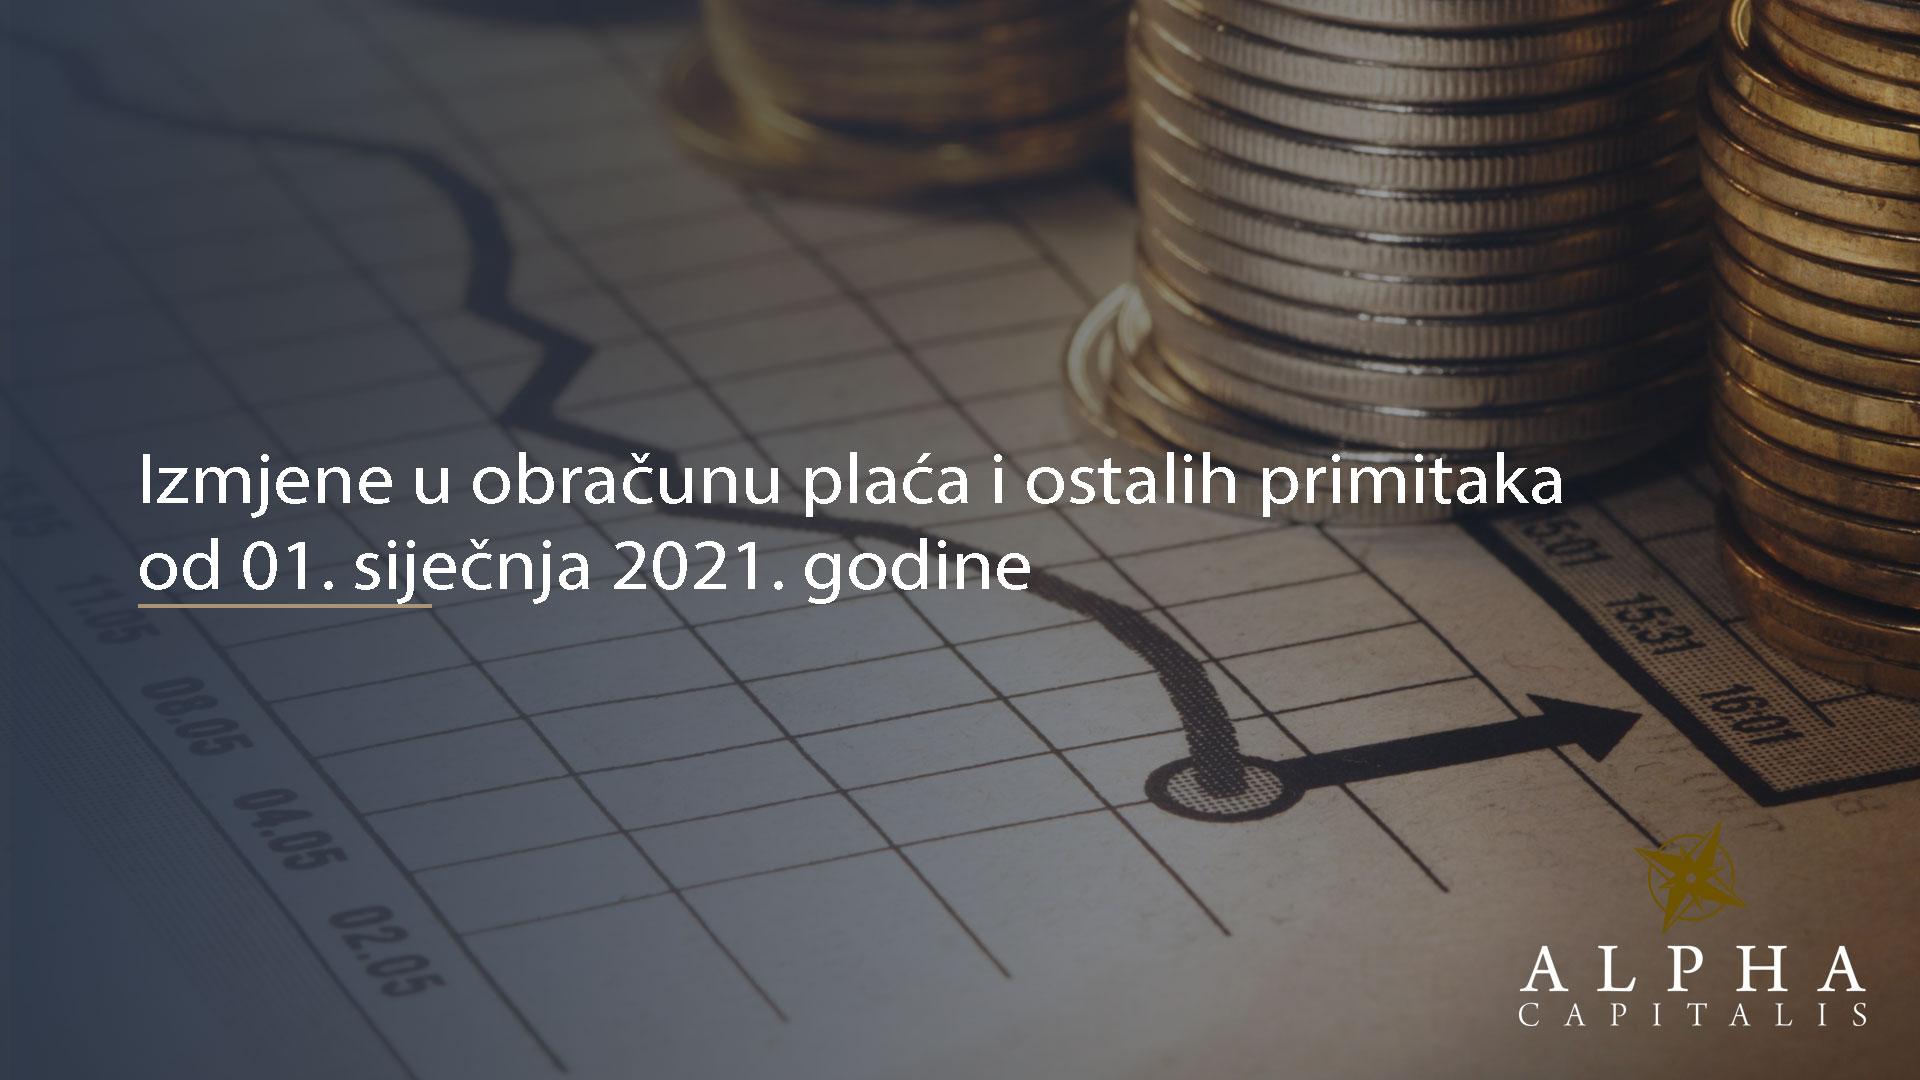 novosti_Izmjene-u-obracunu-placa